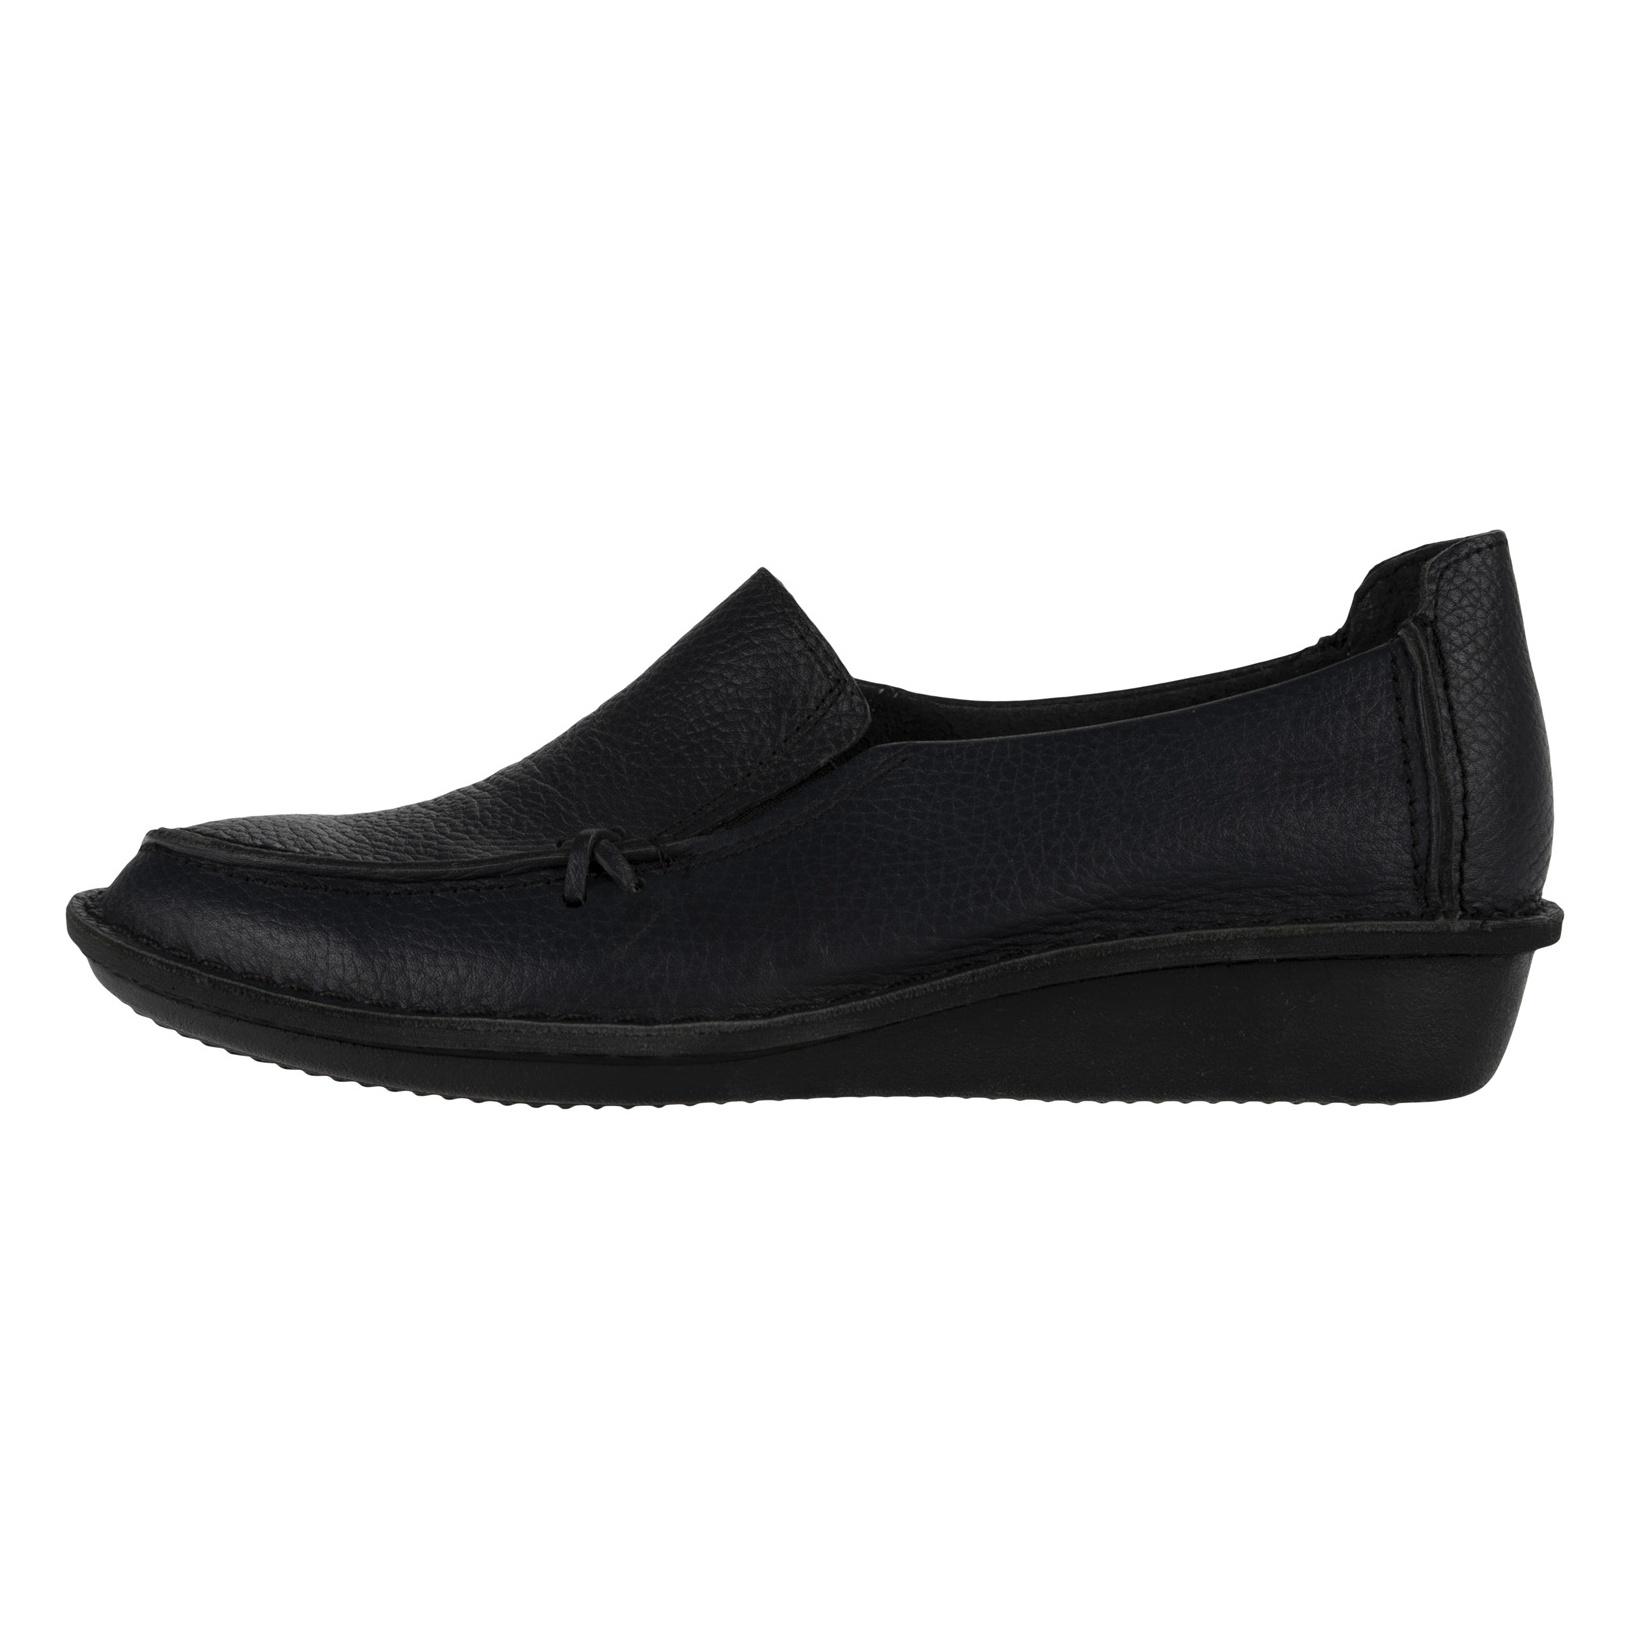 کفش روزمره زنانه دلفارد مدل DL5034F500-103 -  - 3